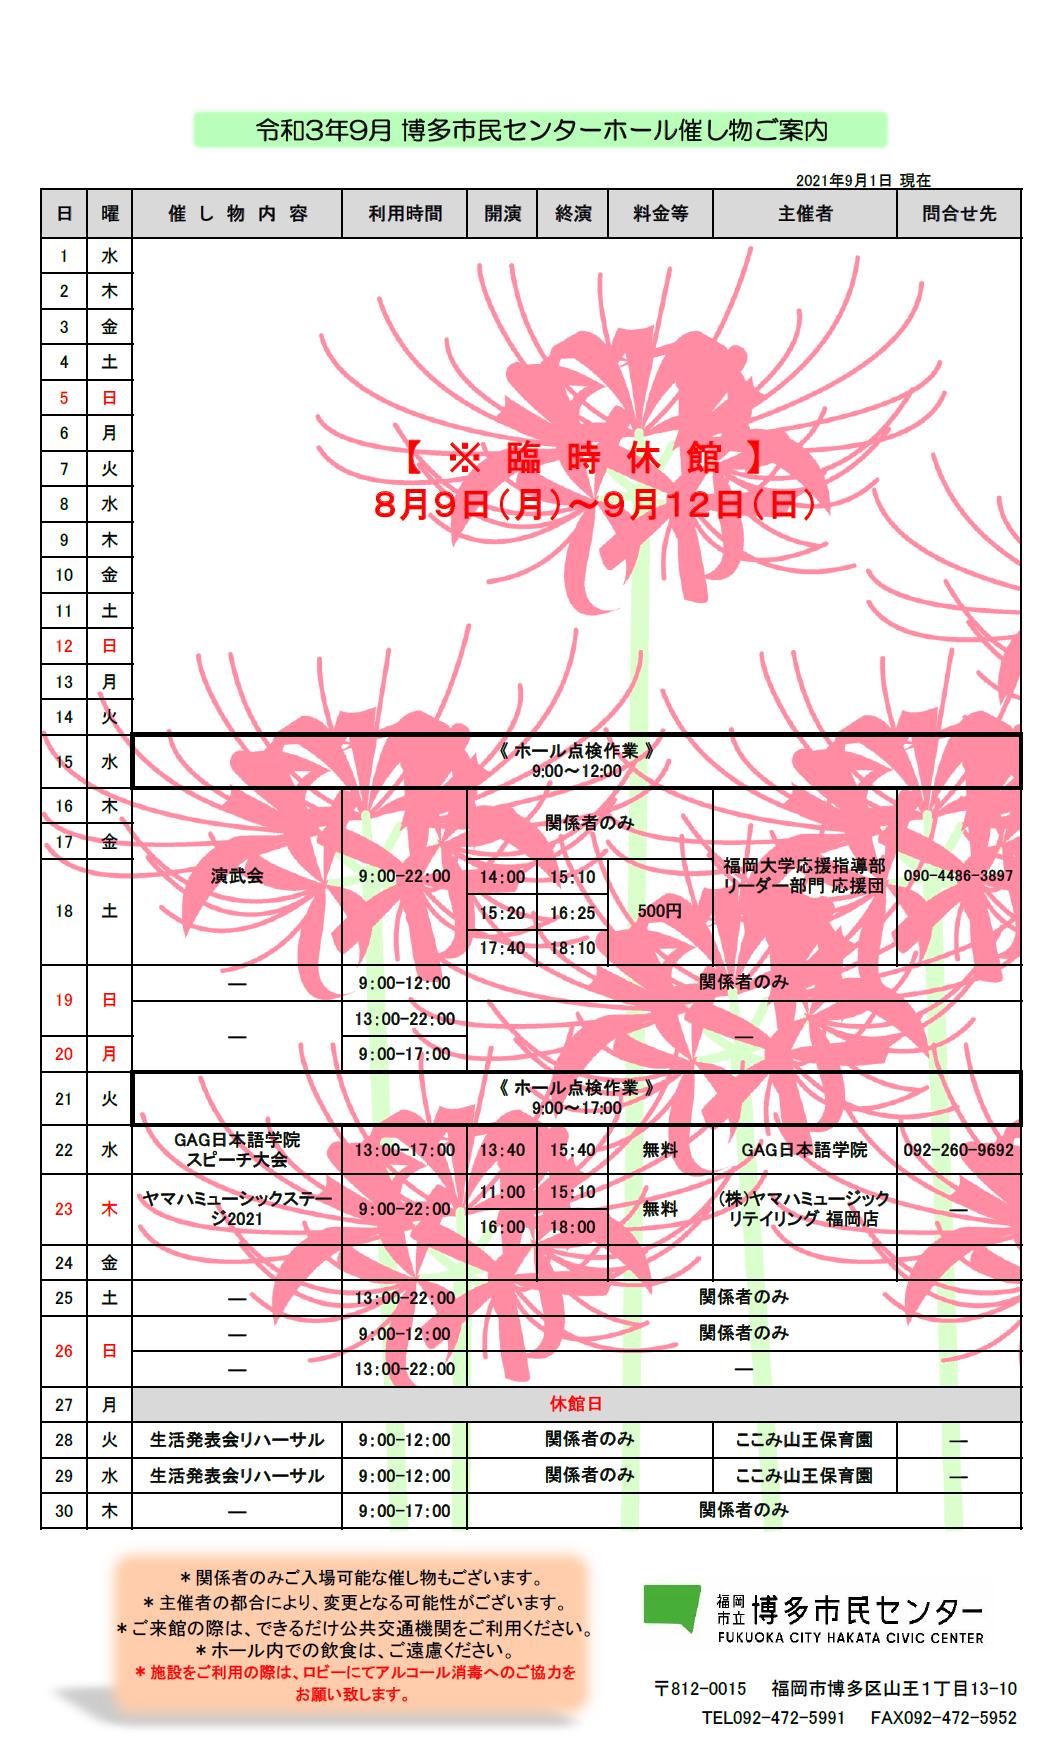 博多市民センターホール催し物ご案内【9月】